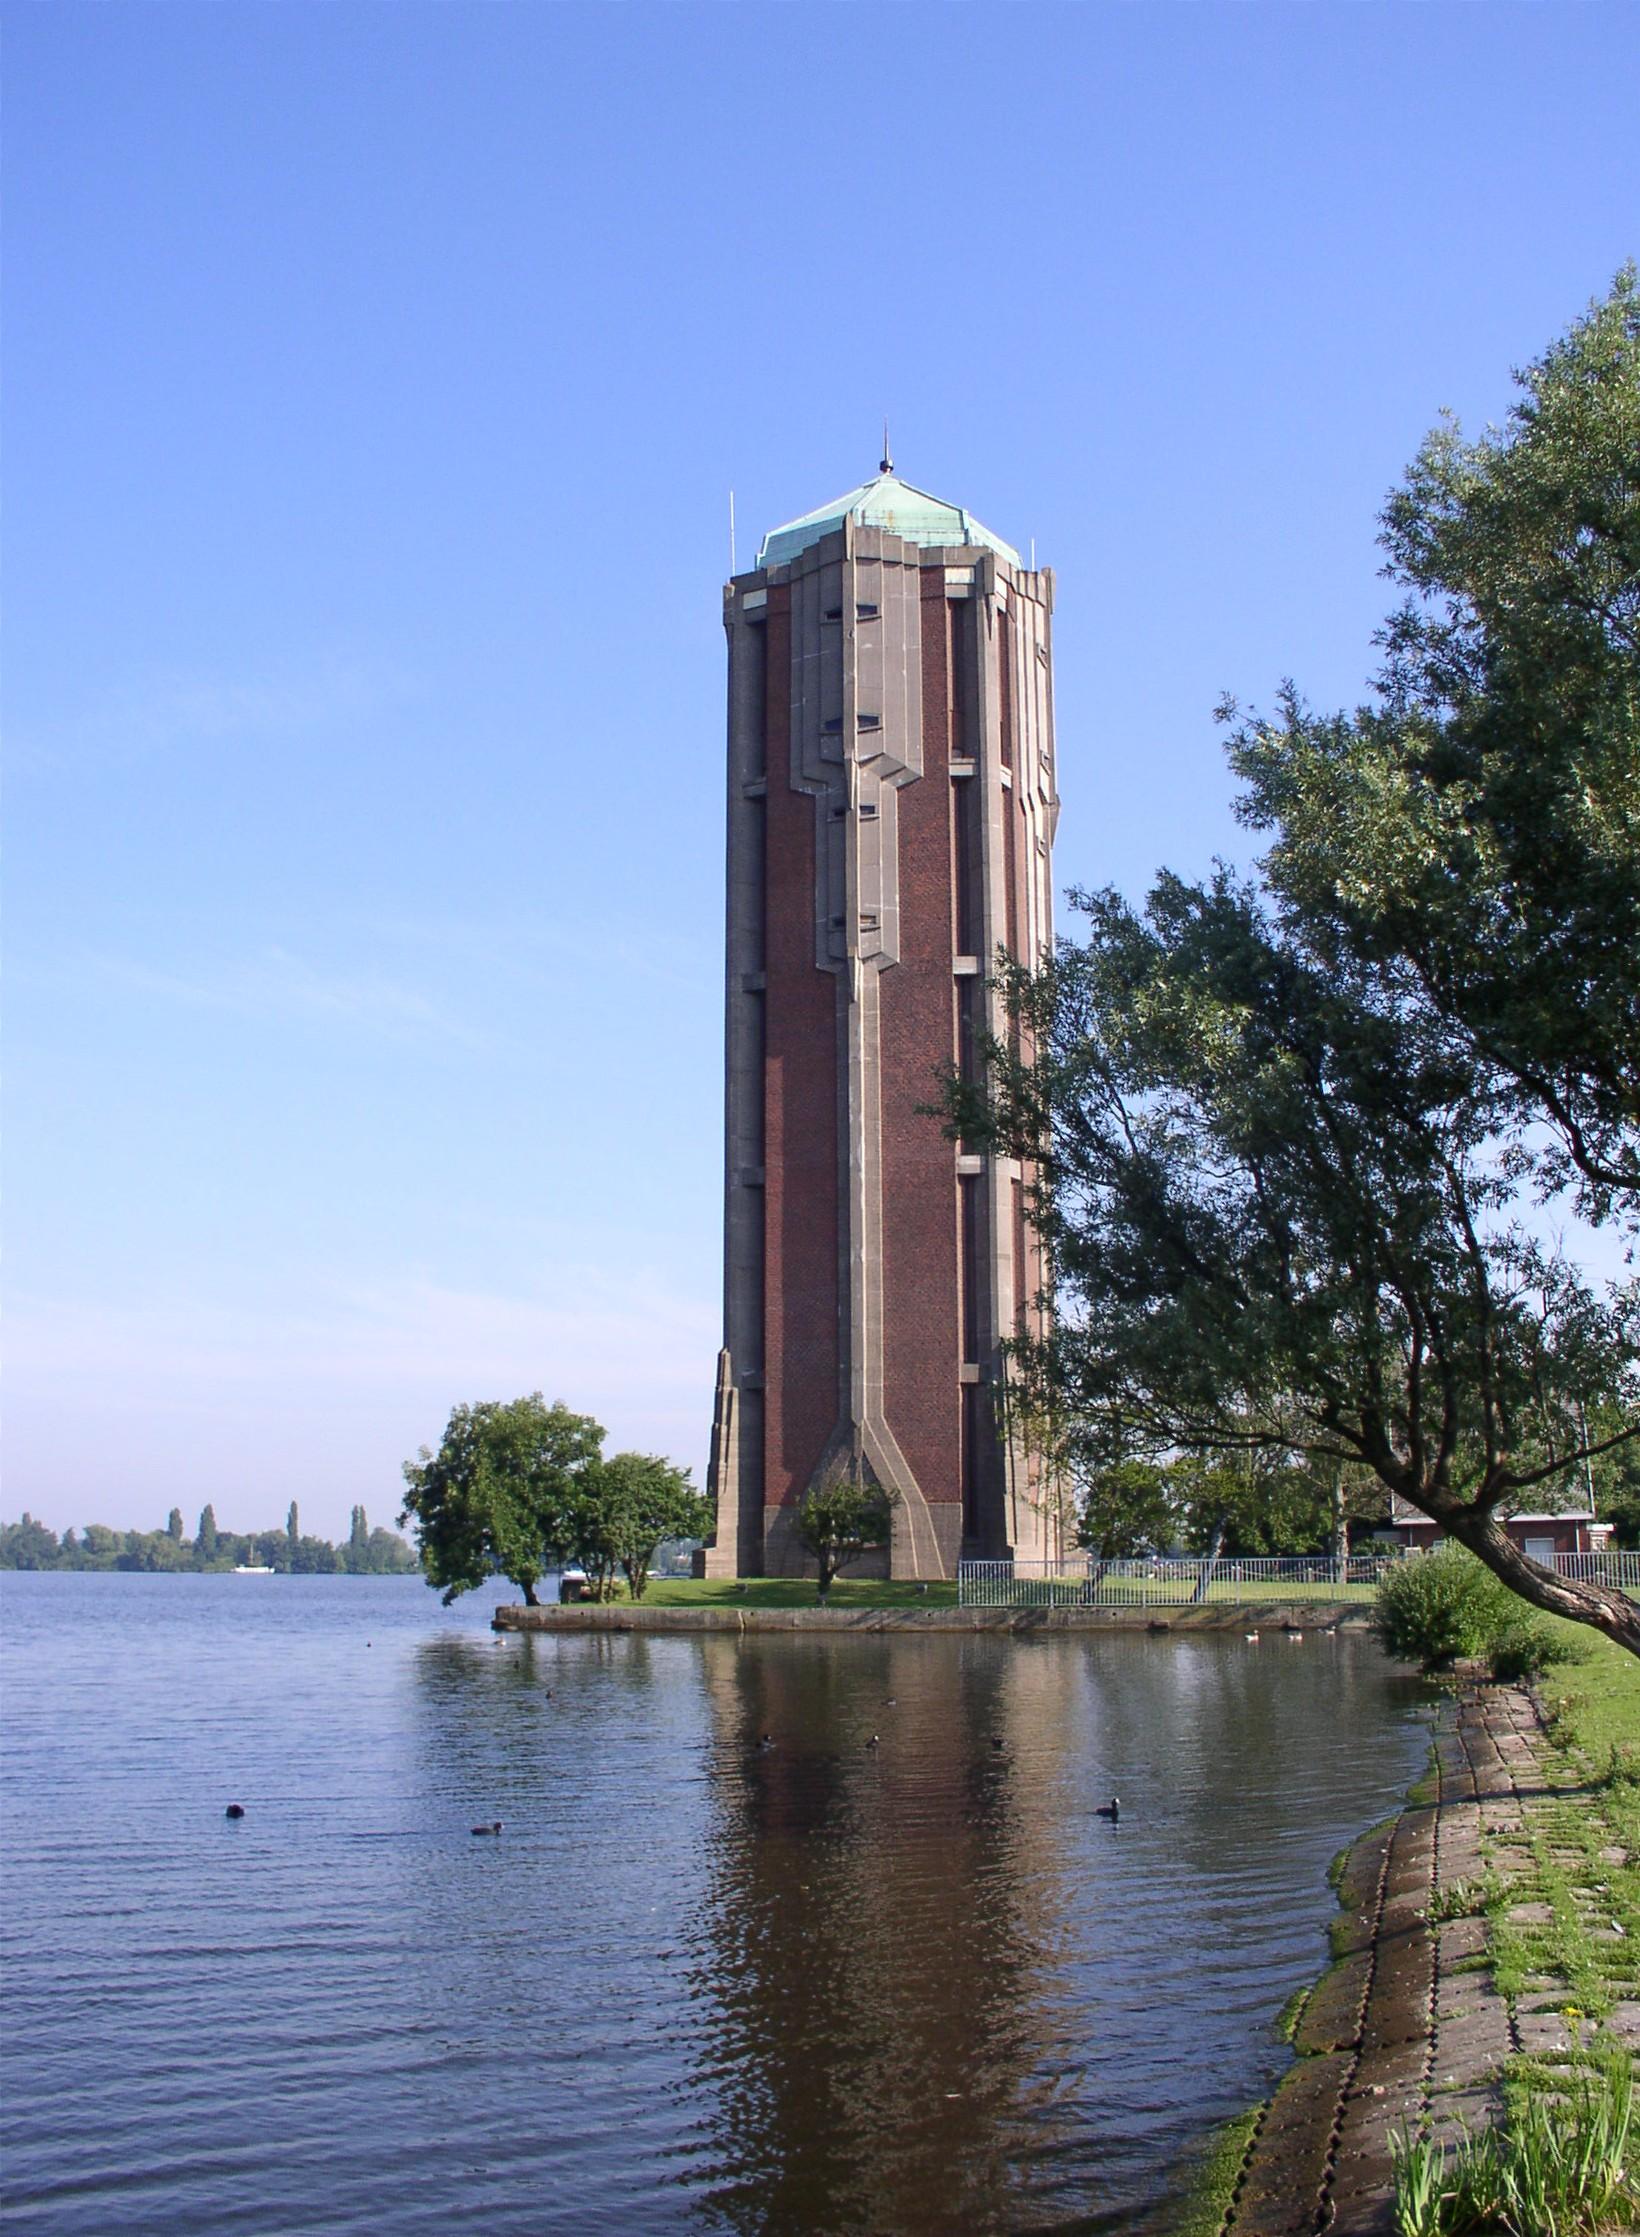 Water_tower_Aalsmeer